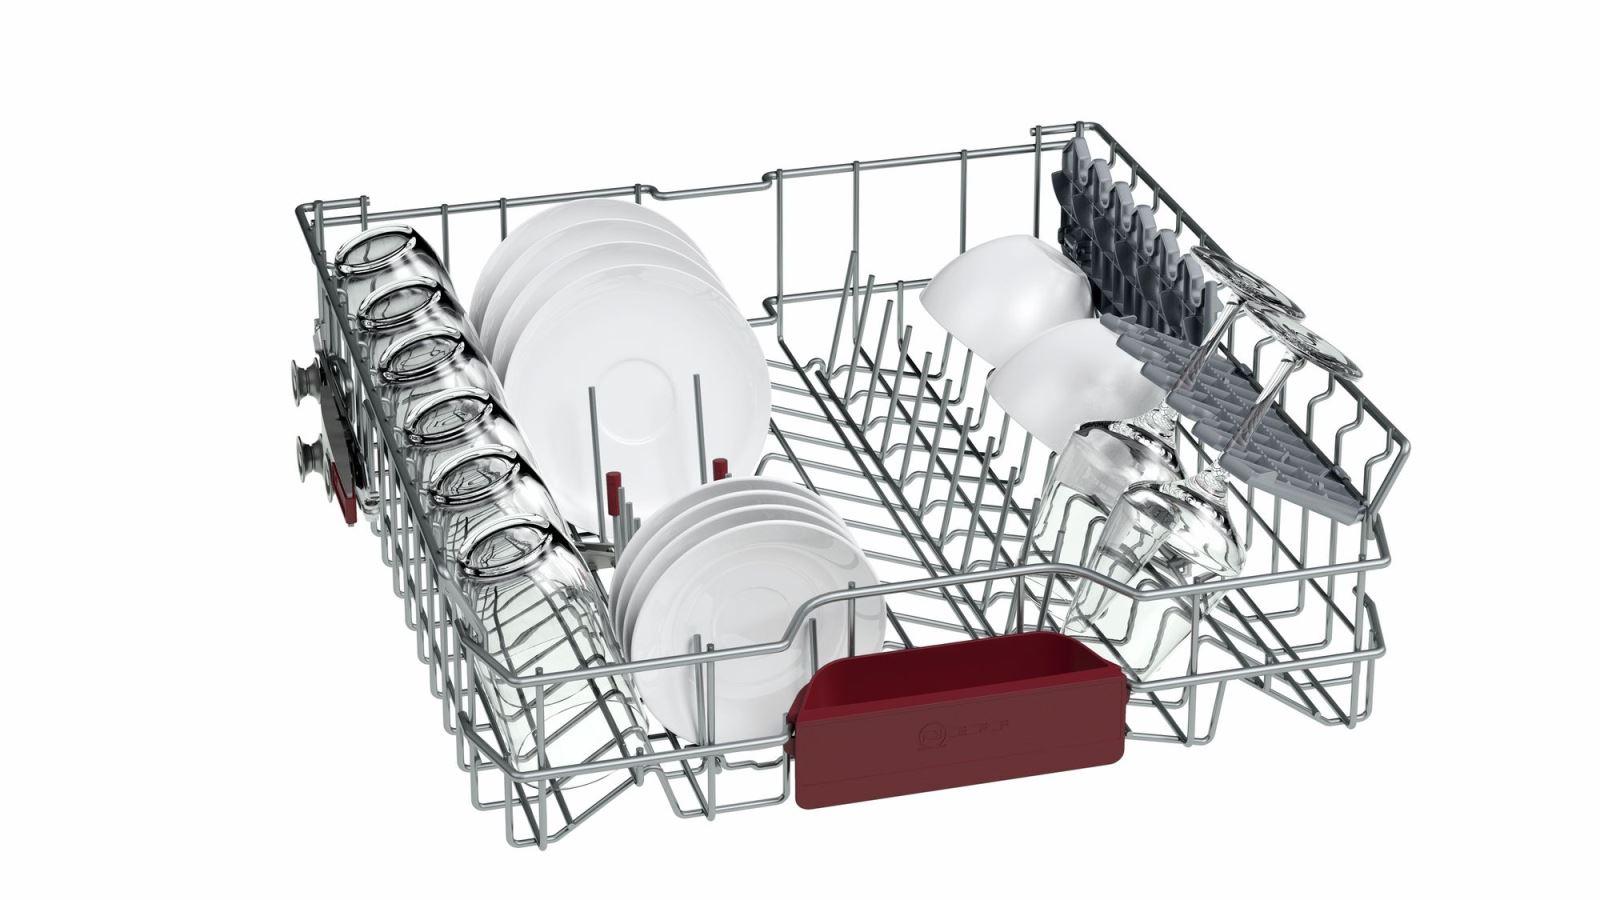 Máy Rửa Bát Neff S513M60X3E Rửa Sạch Sấy Khô Tối Ưu, Có Độ Ồn Cực Thấp